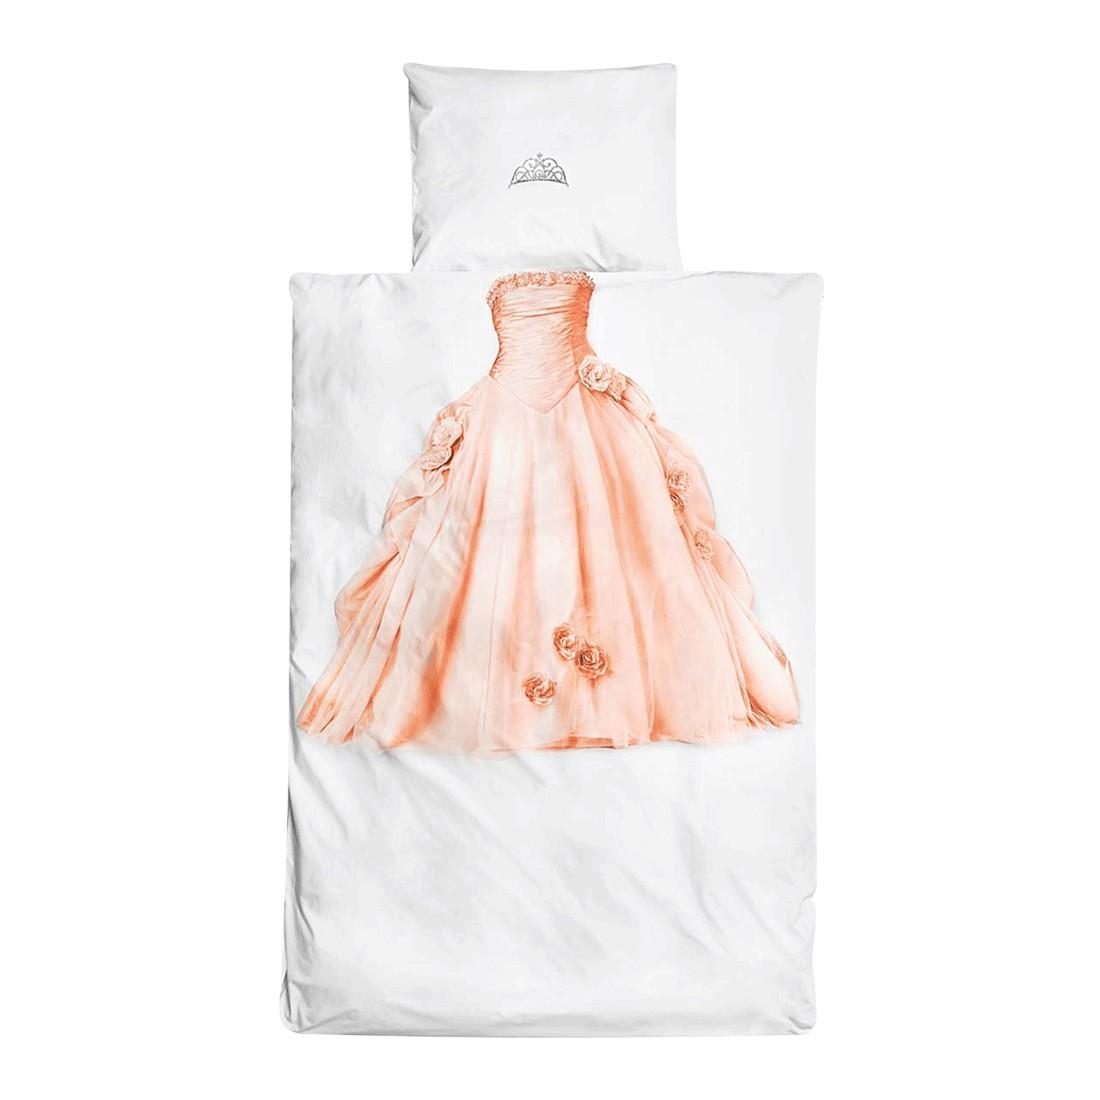 Bettwäsche – Baumwolle – Weiß/Rosa, PureDay günstig kaufen